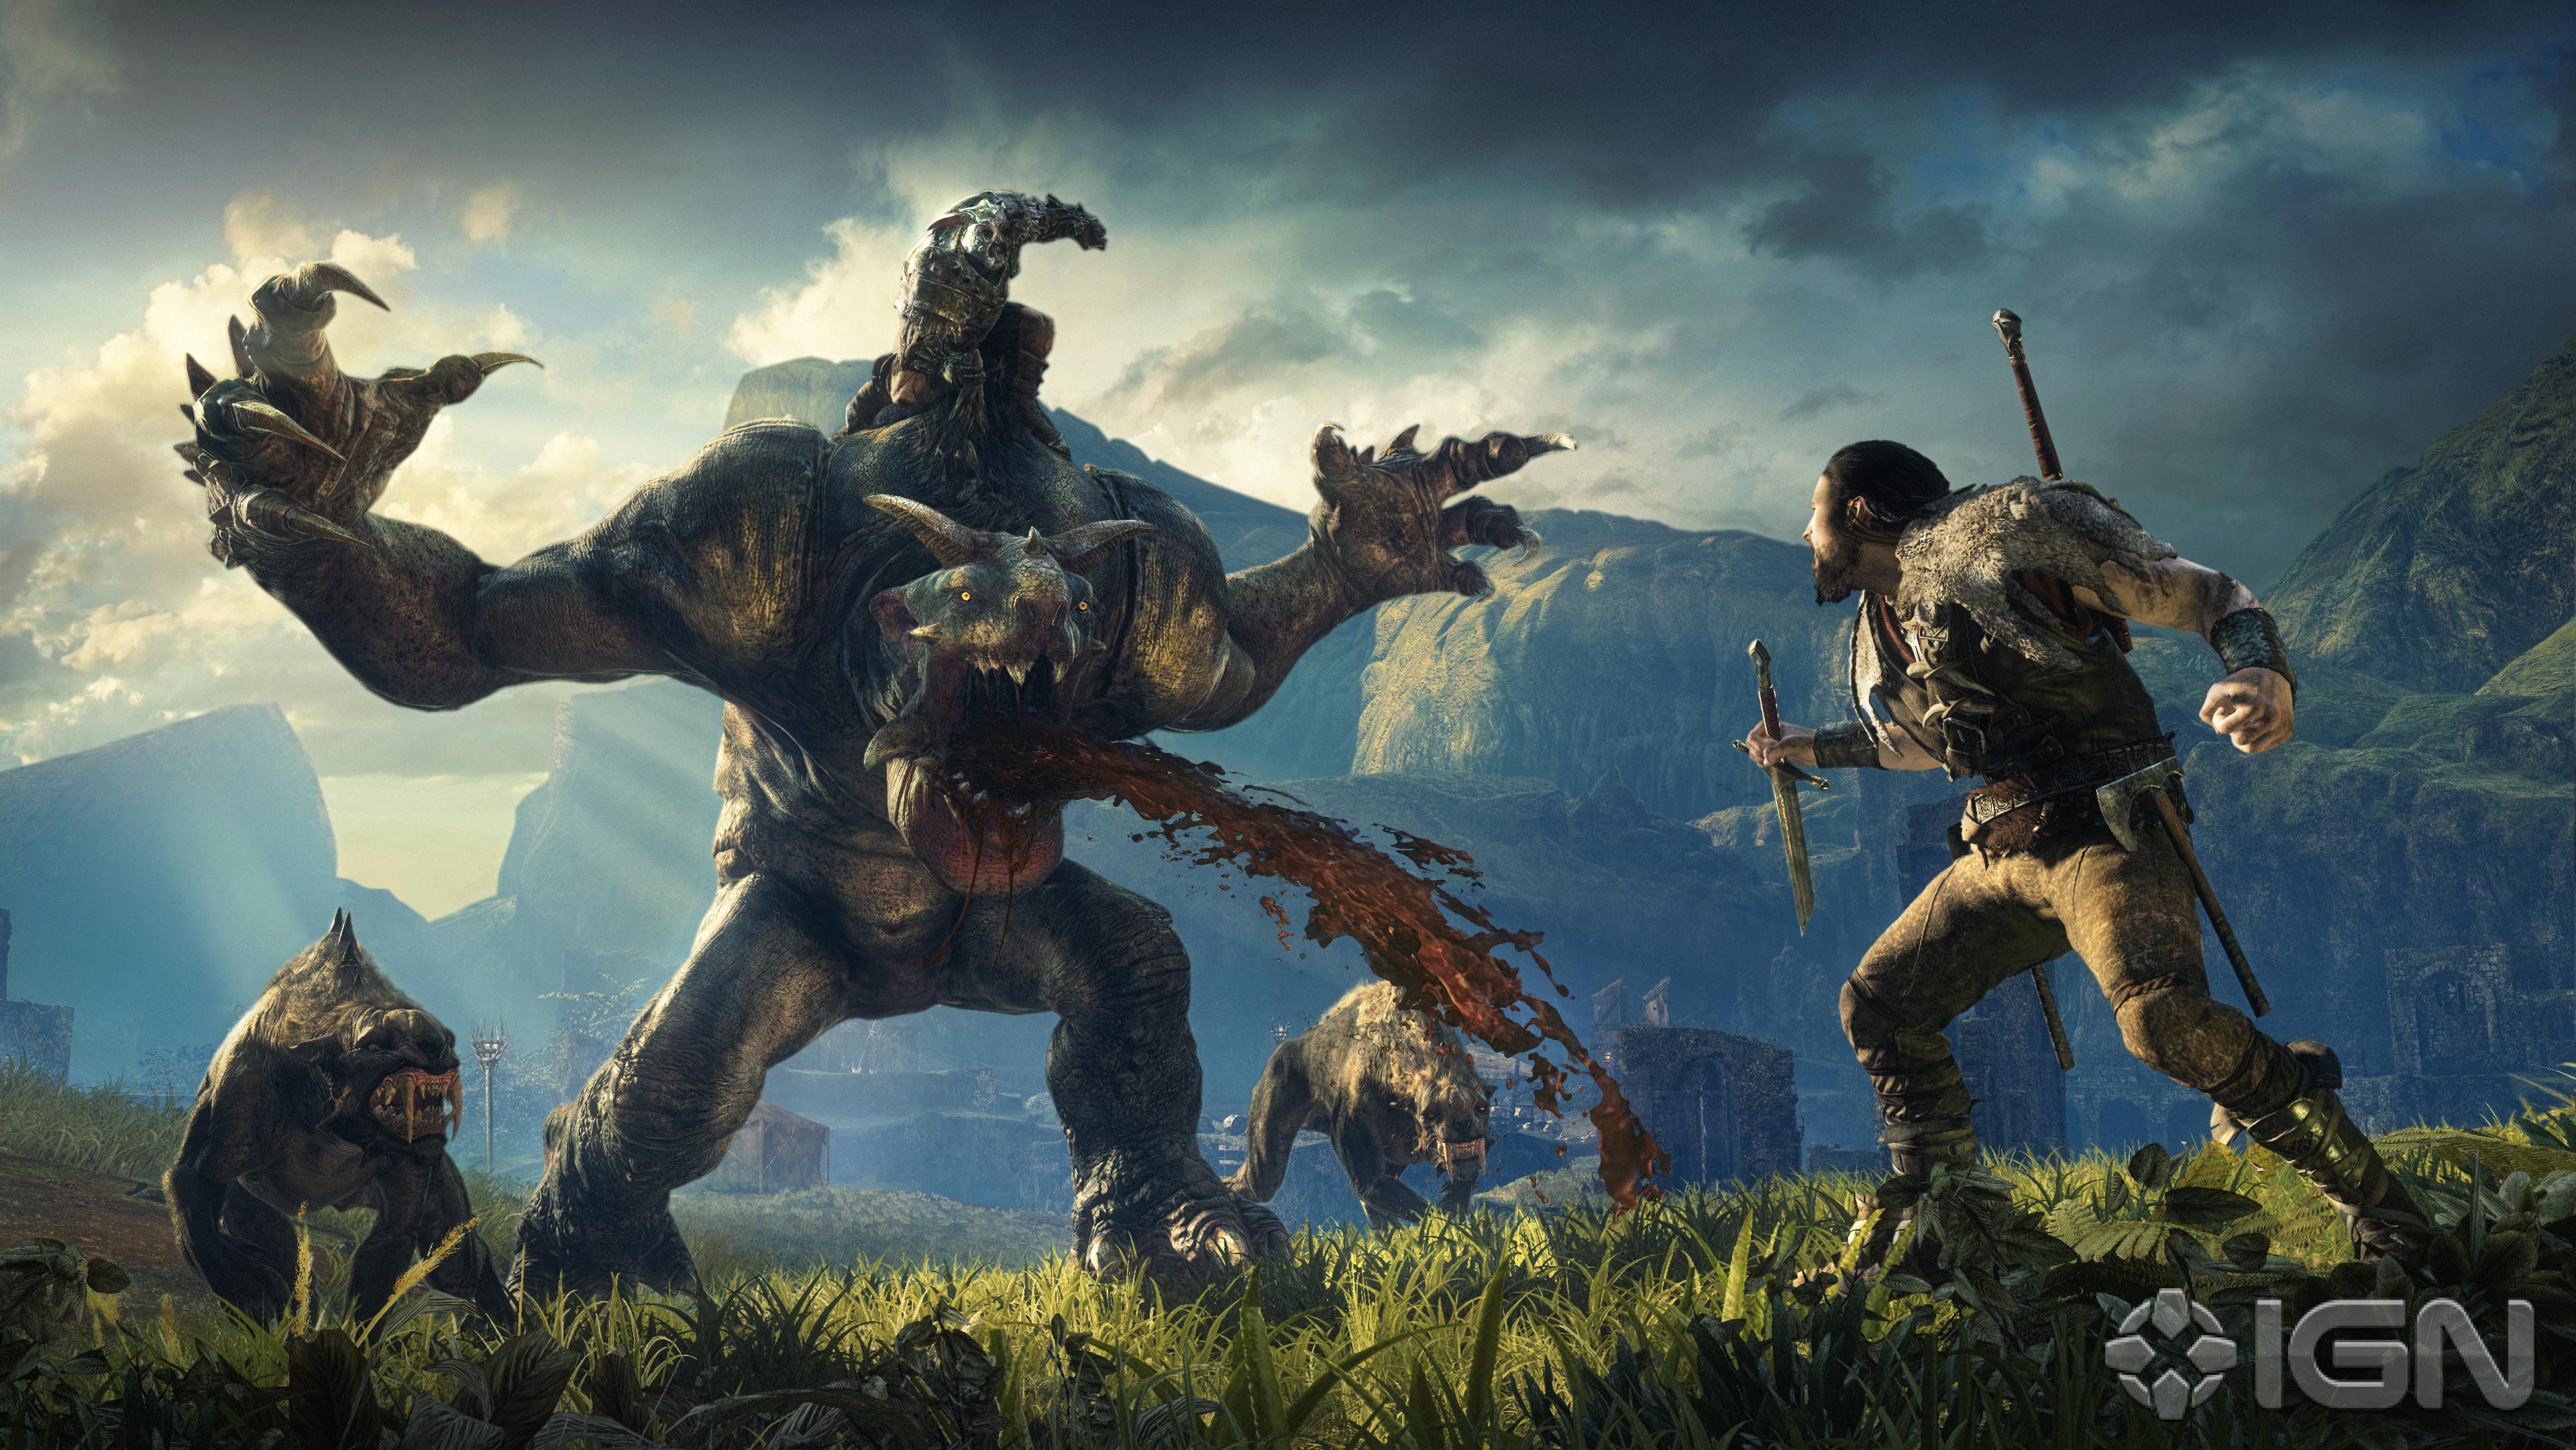 Připravte se na lov v DLC pro Middle-earth: Shadow of Mordor 101813